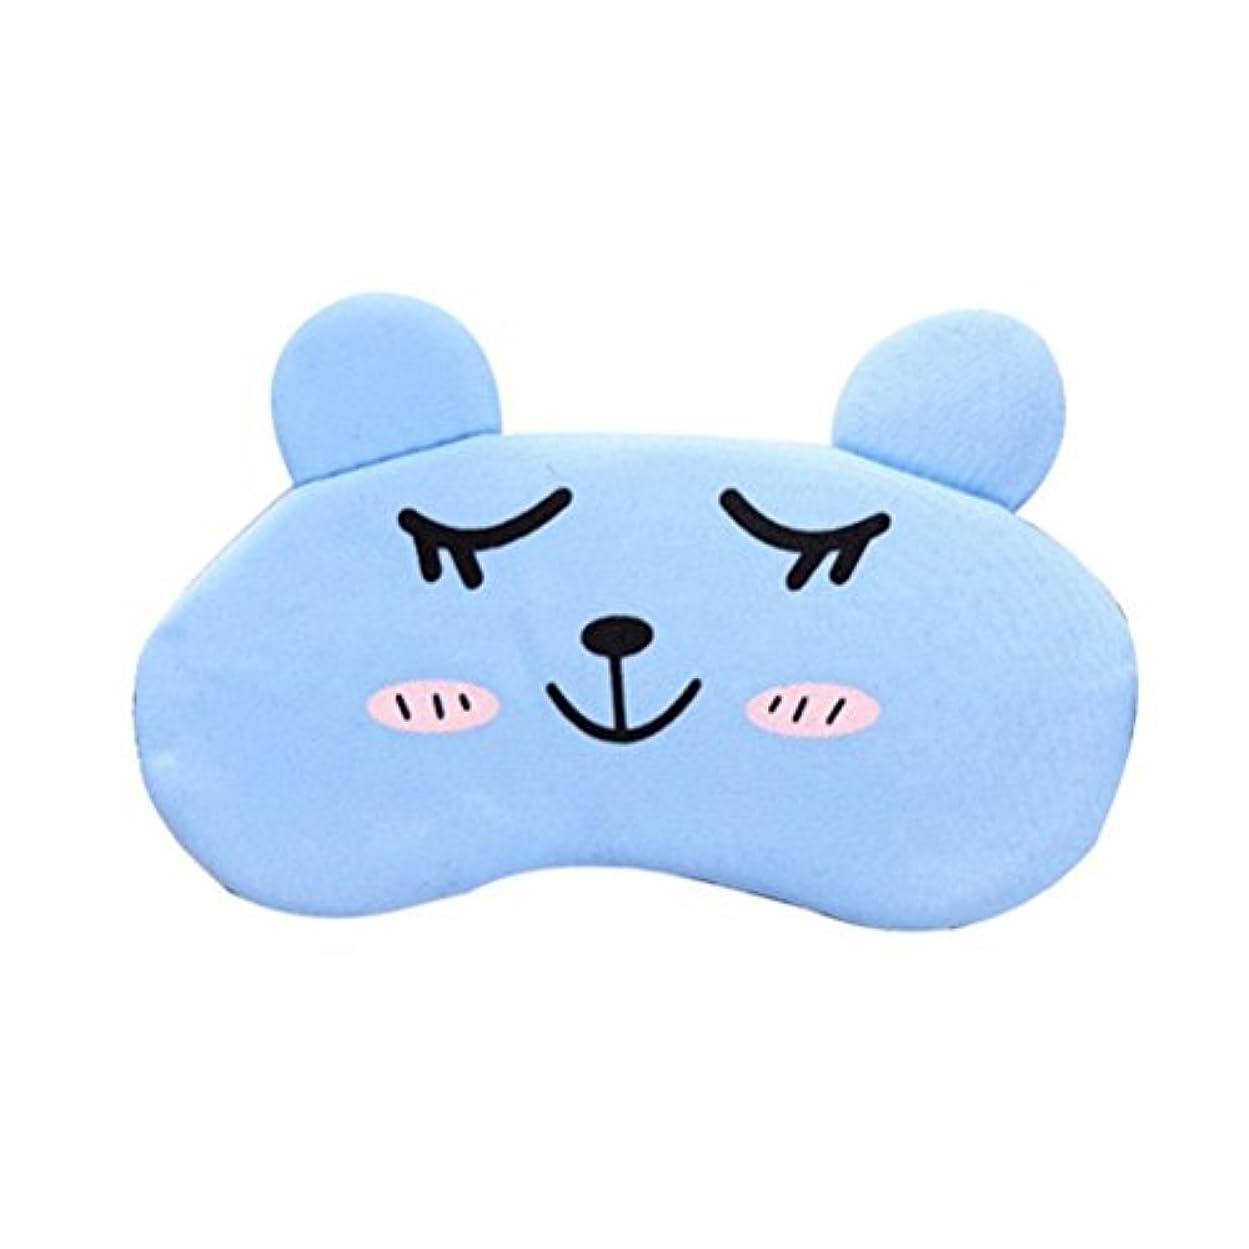 等価不機嫌そうな便利さROSENICE スリープマスク 睡眠昼寝の瞑想のための冷却アイシェード目隠し(青)